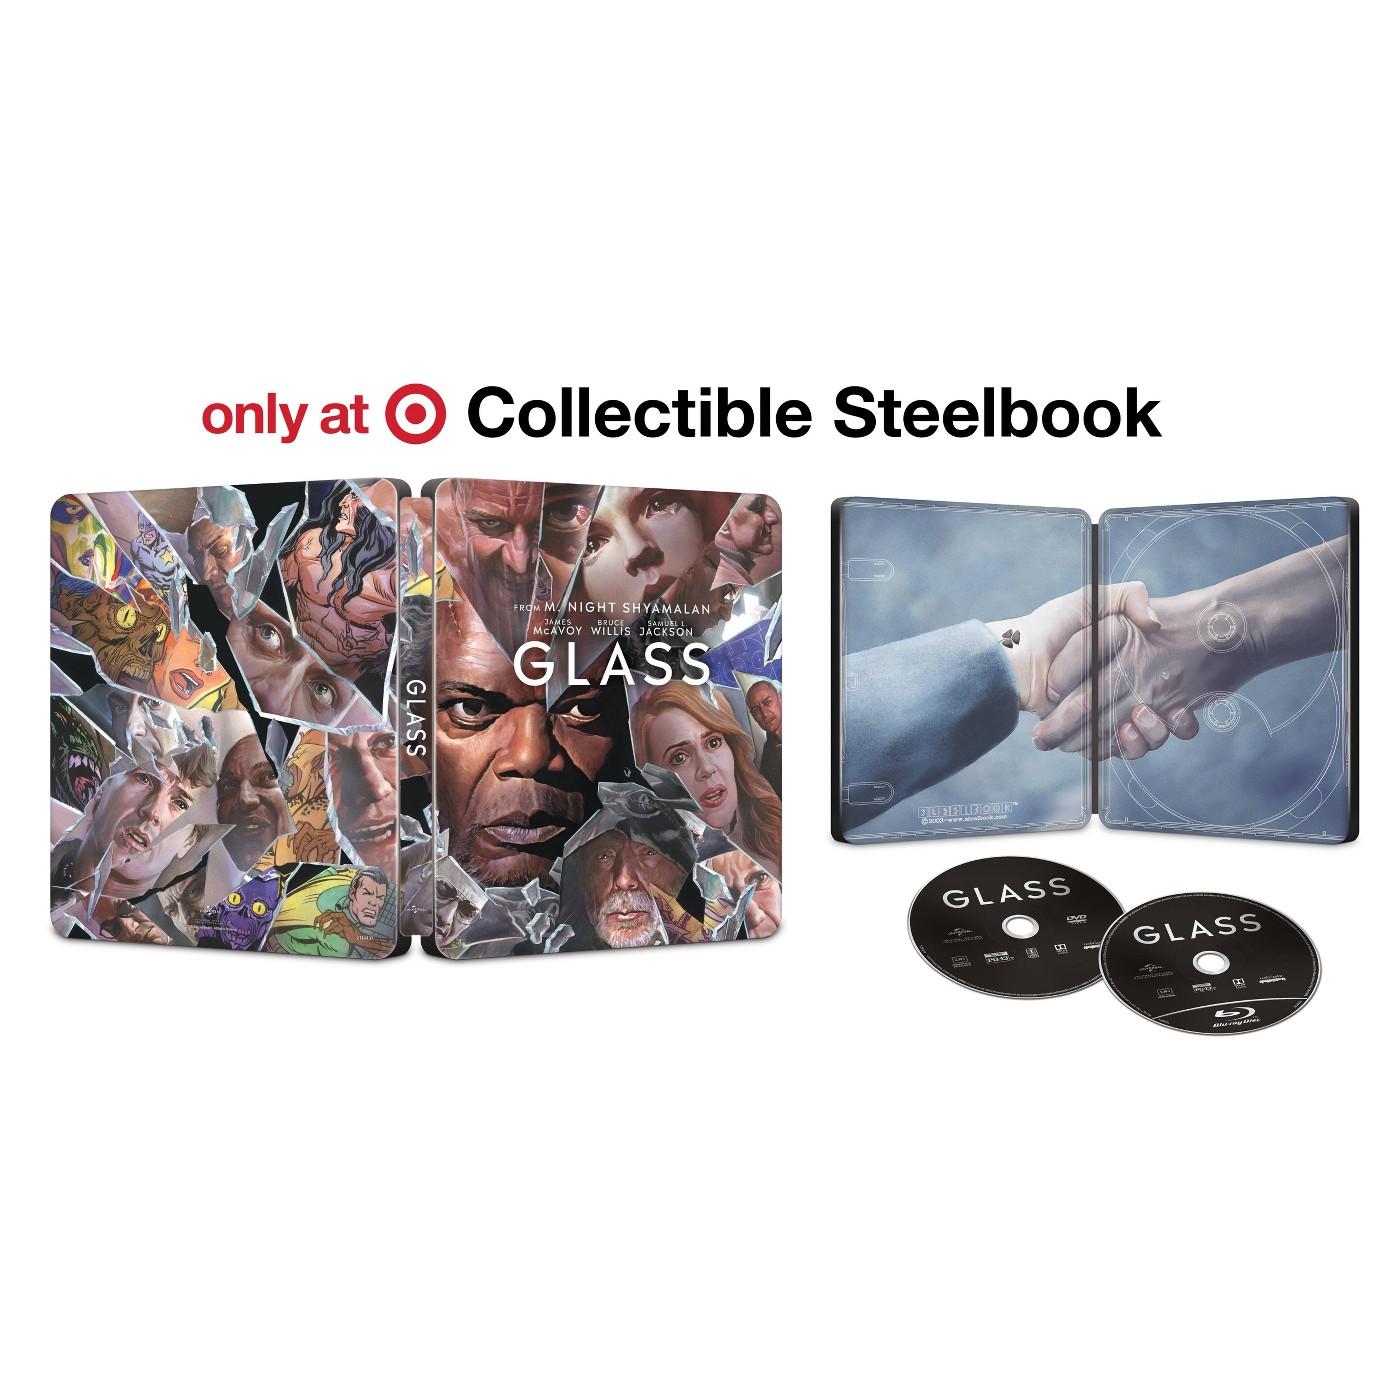 Glass - Target Exclusive Steelbook (Blu-Ray + DVD + Digital) - image 1 of 1